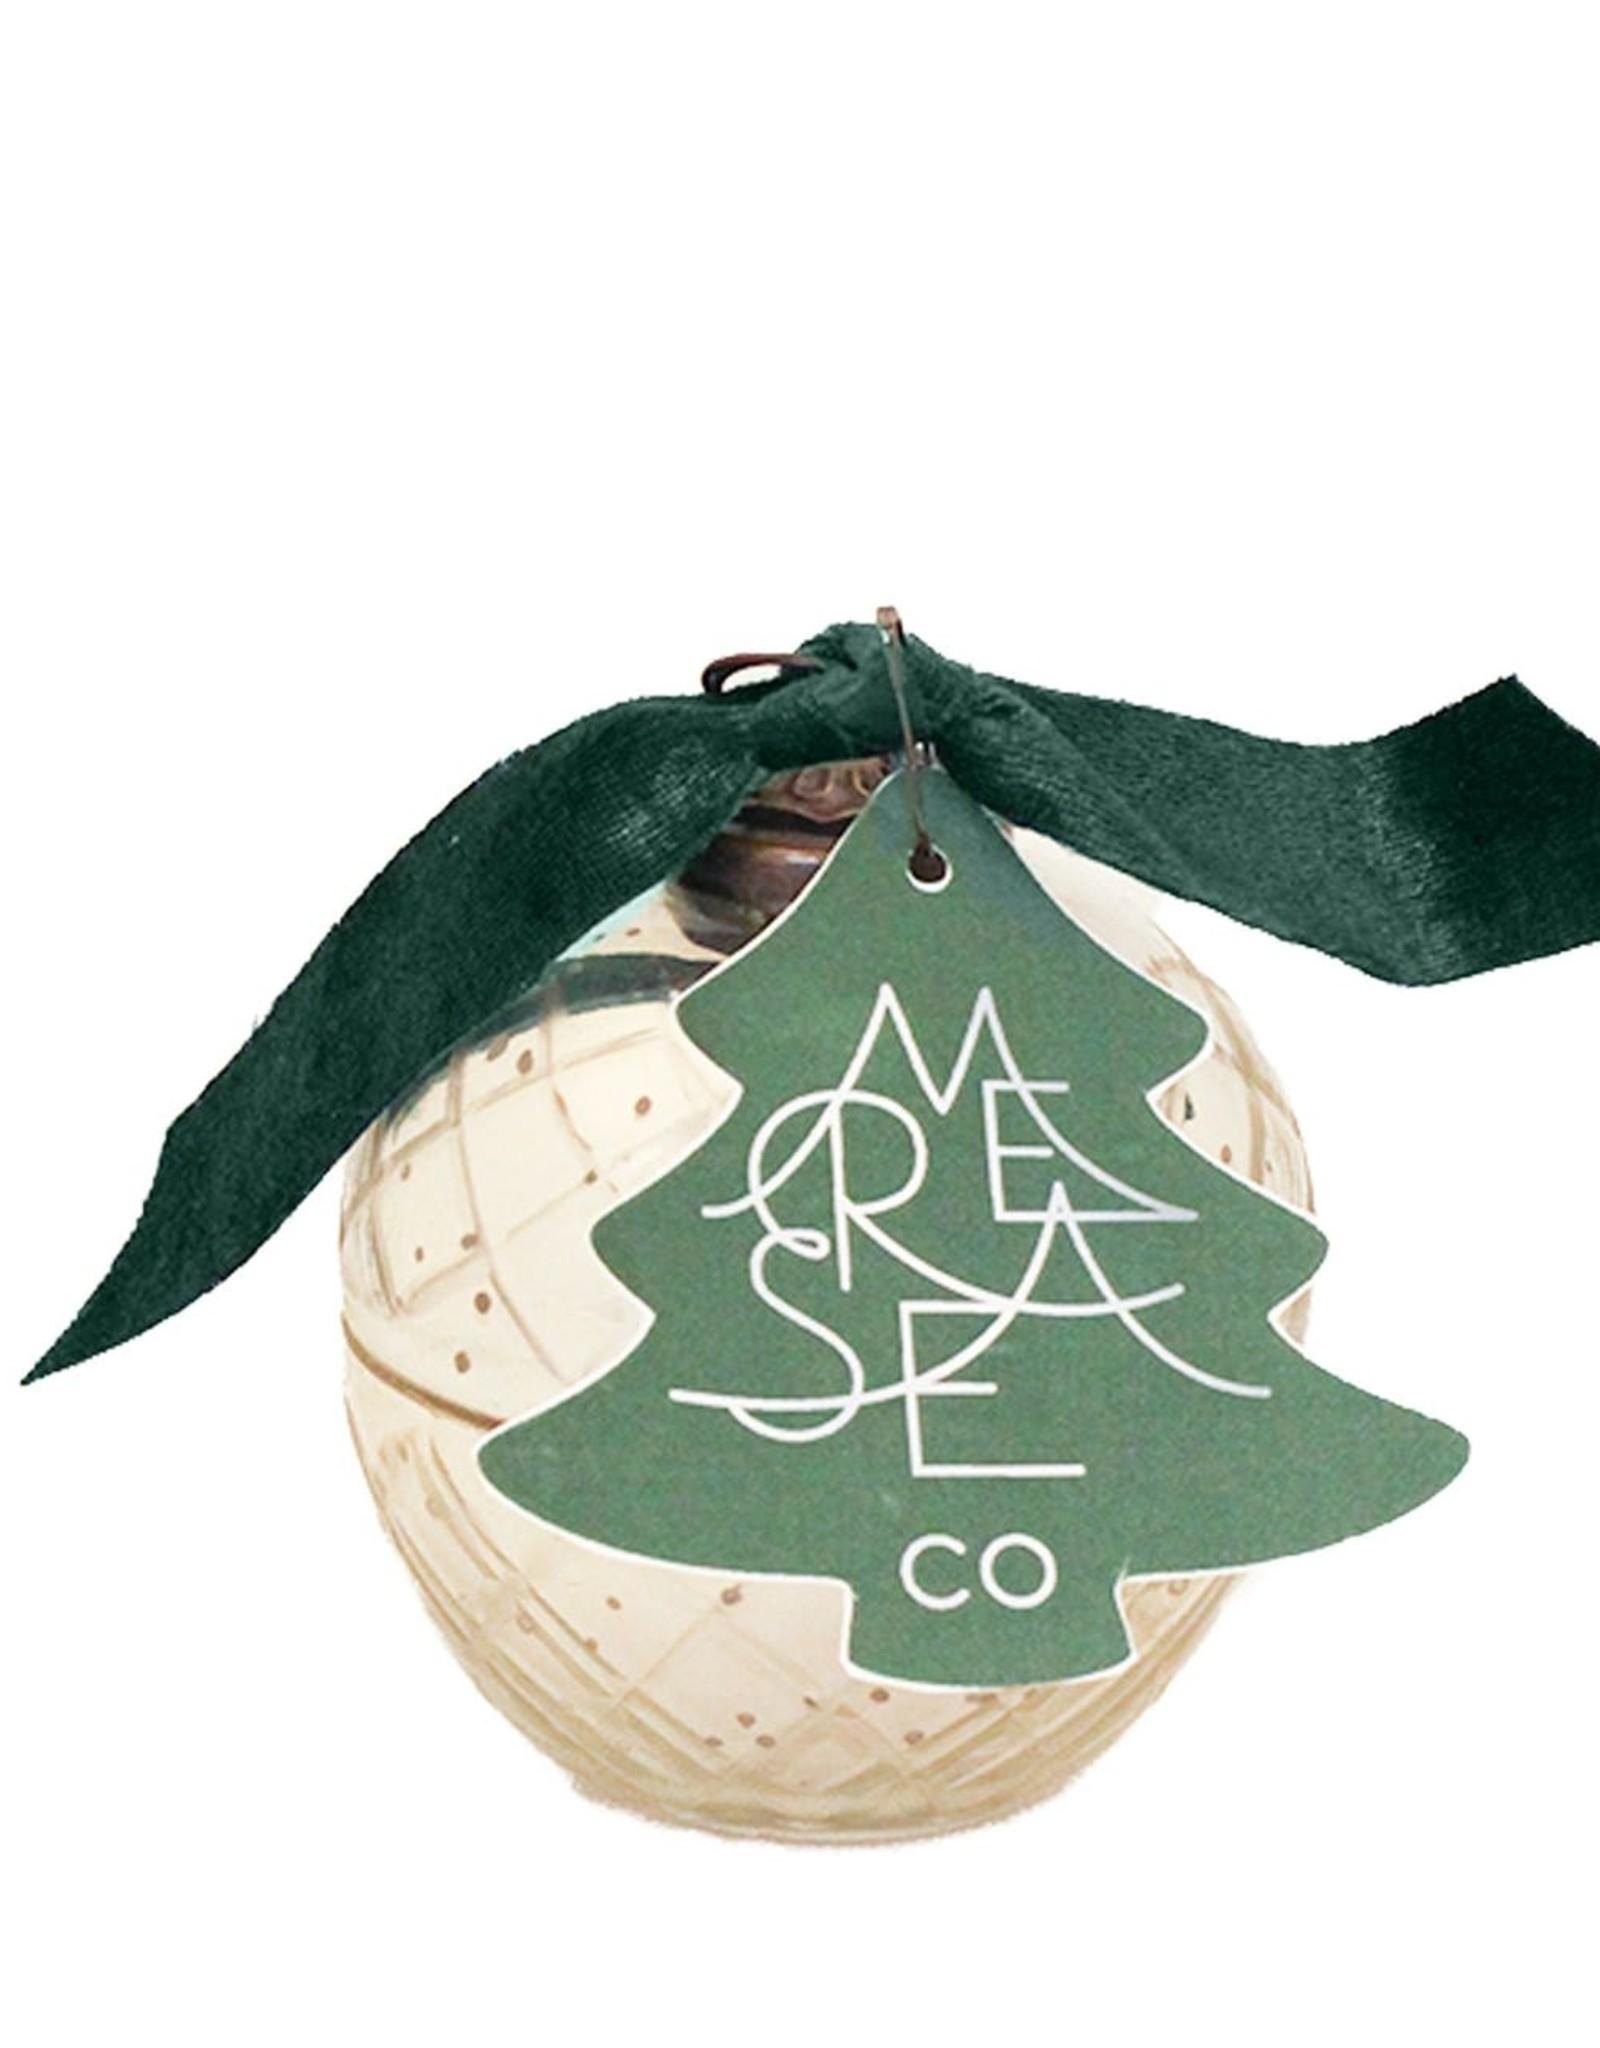 Mersea Mer-Sea Retro Ornament Candle 2oz